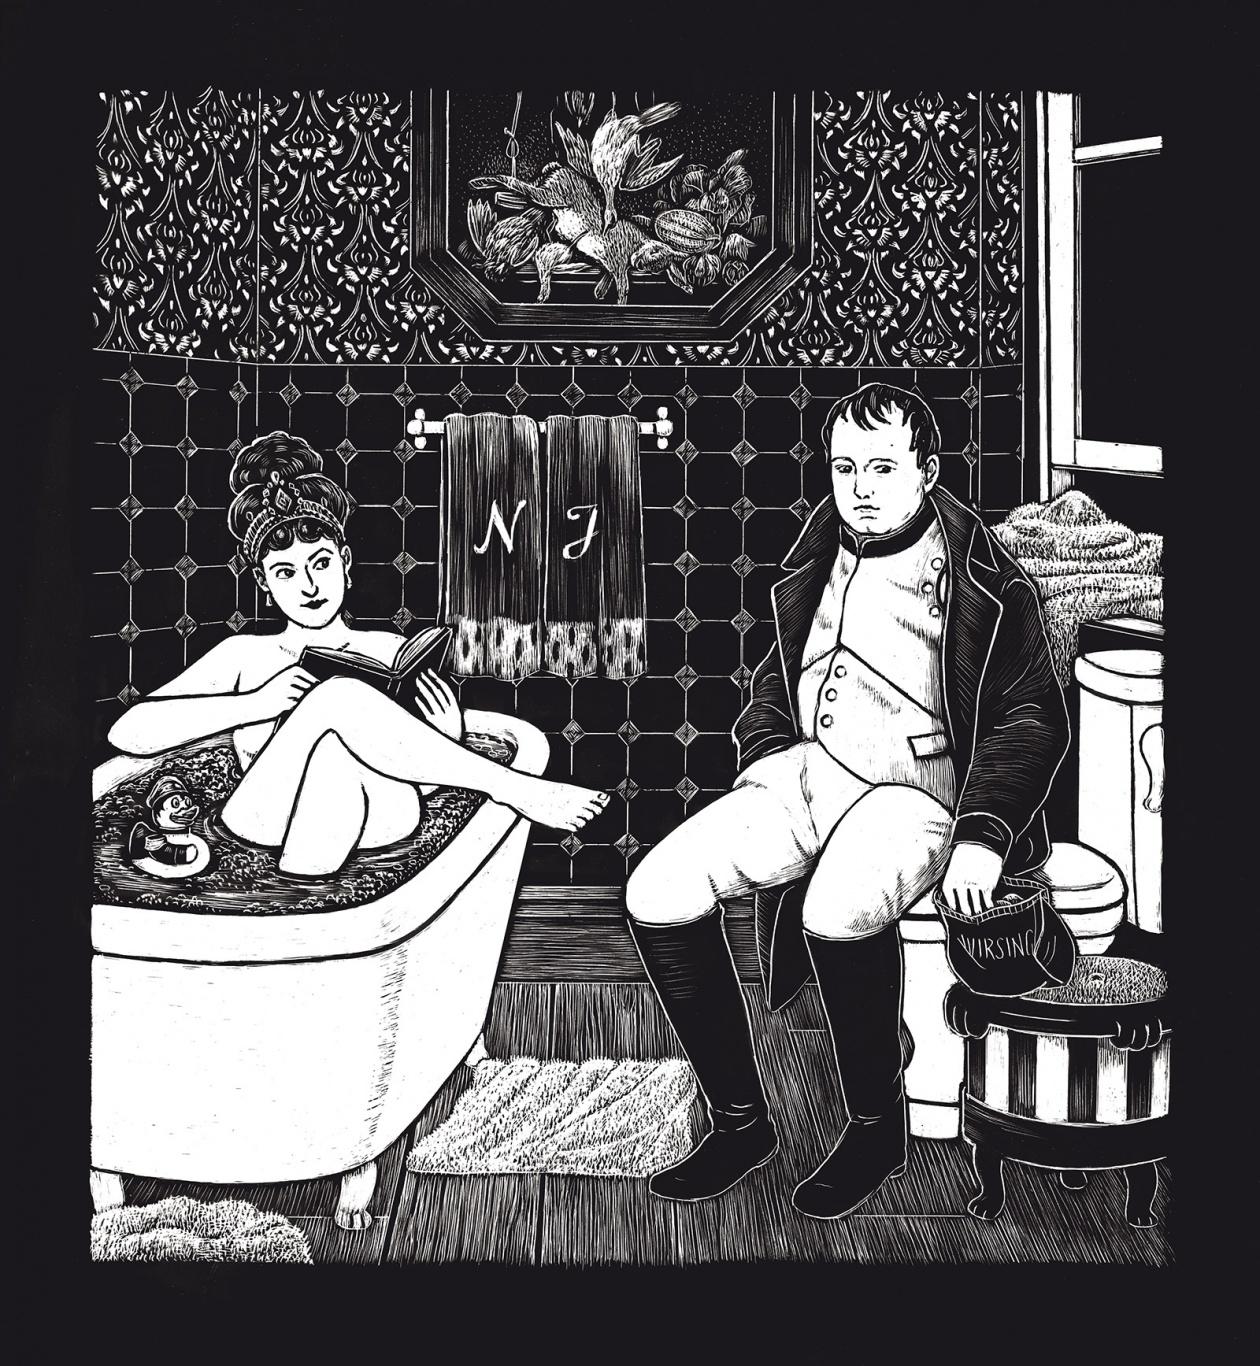 Paargespräche - Napoleon und Josephine